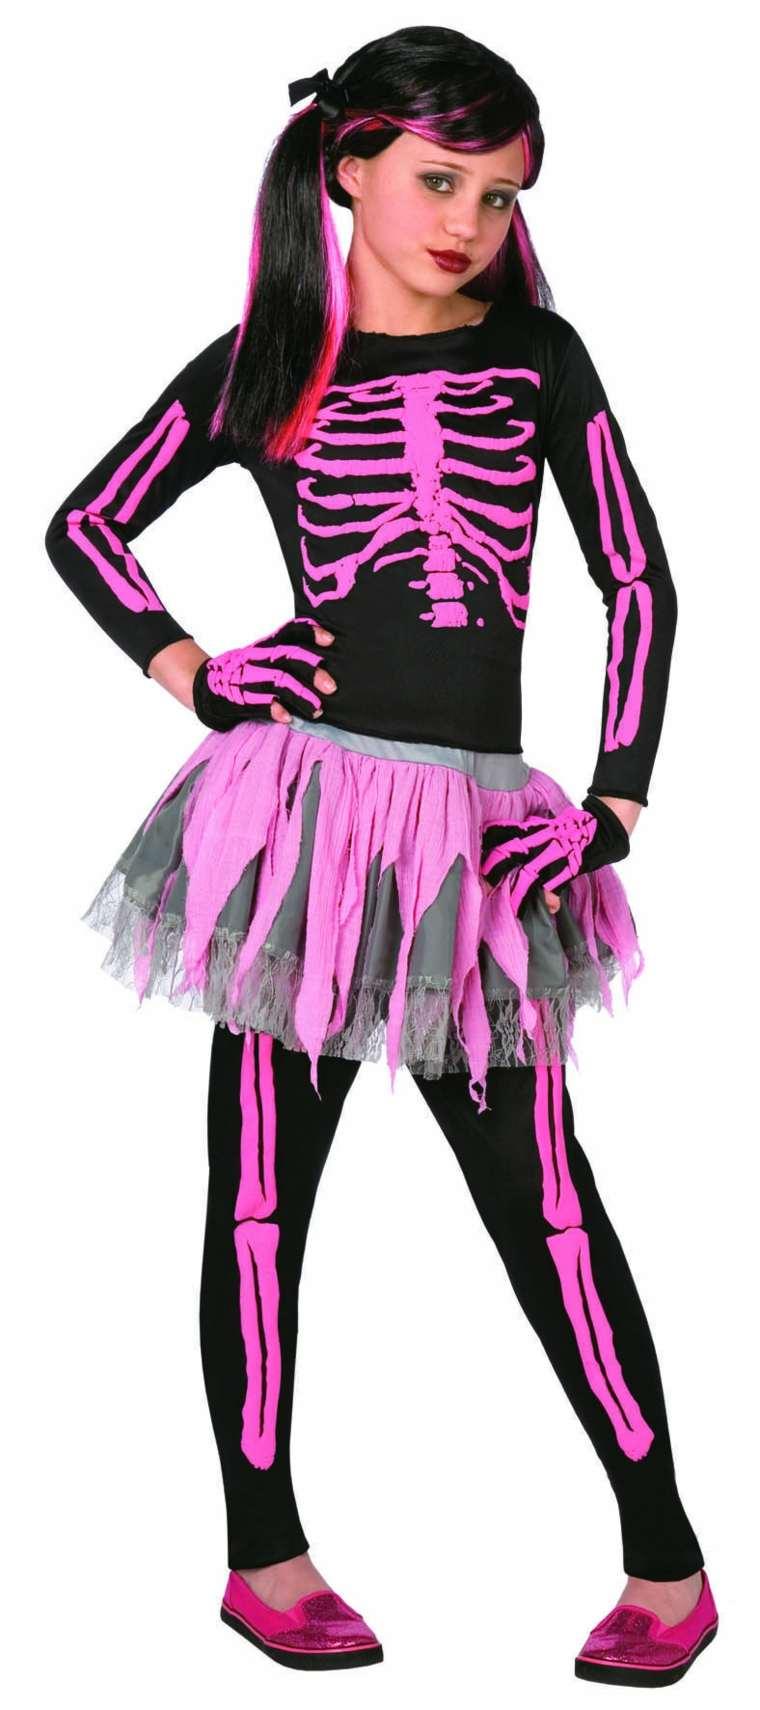 disfraz-para-halloween-esqueleto